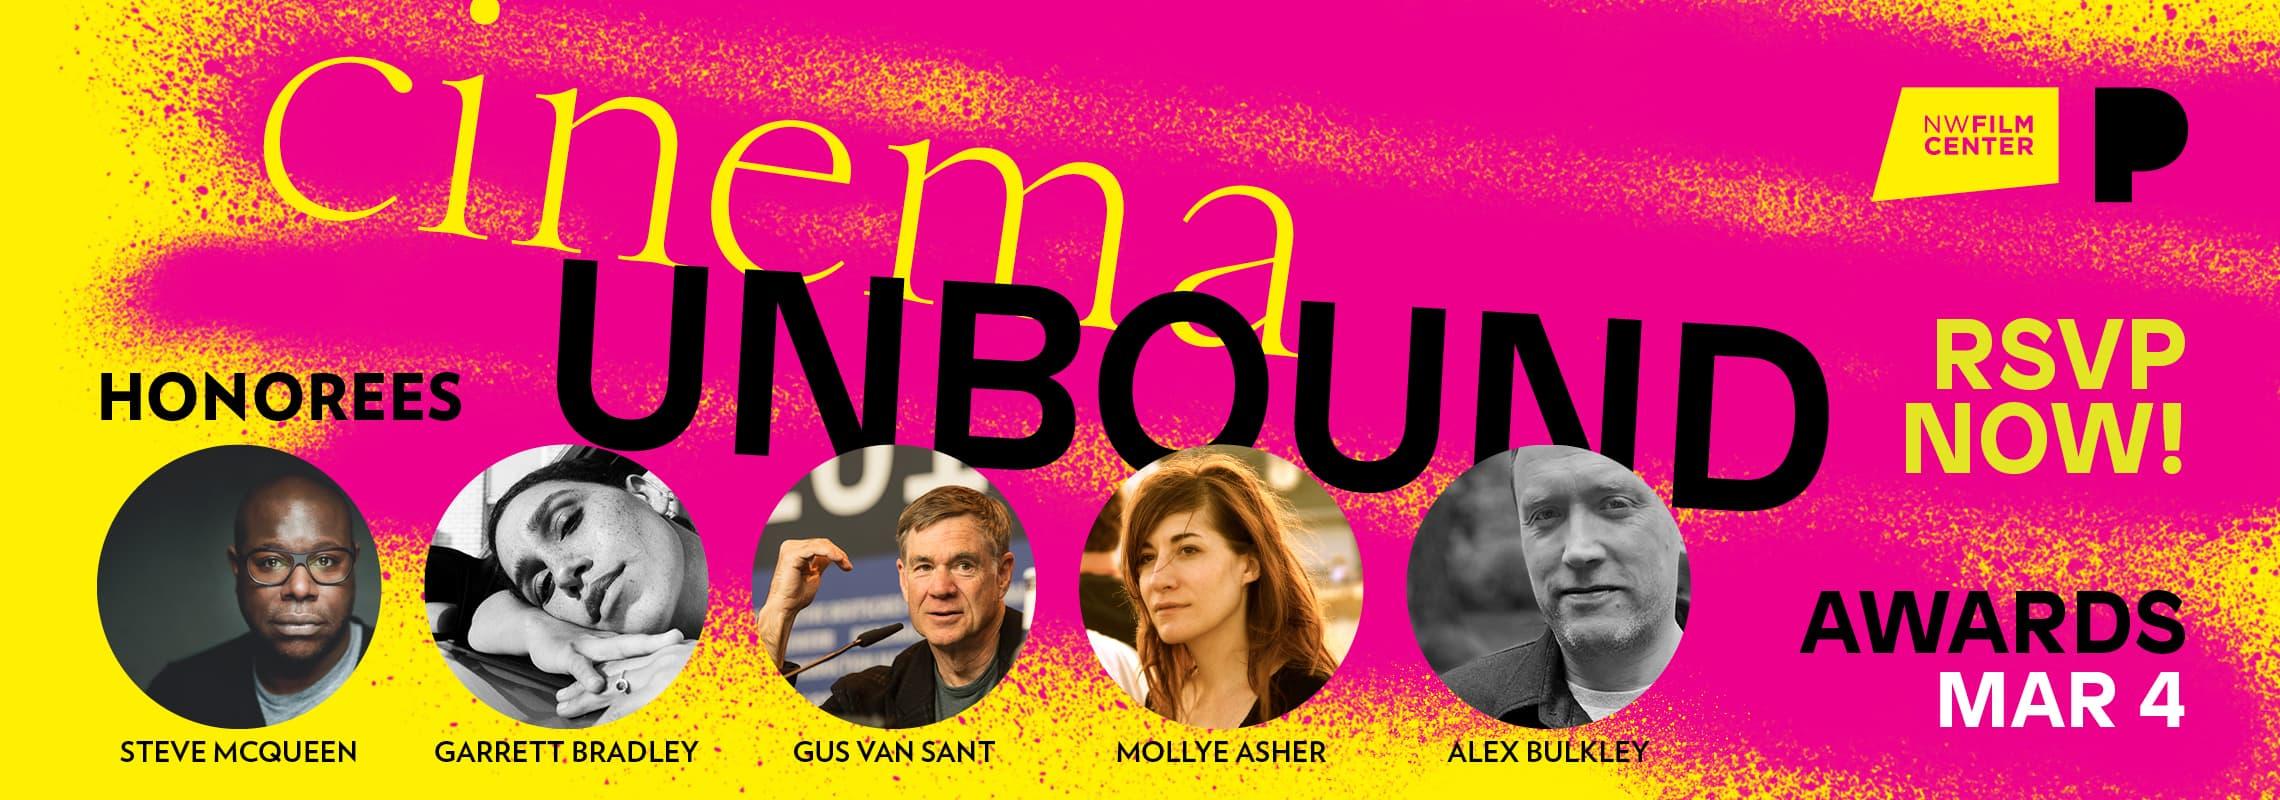 Cinema Unbound Awards